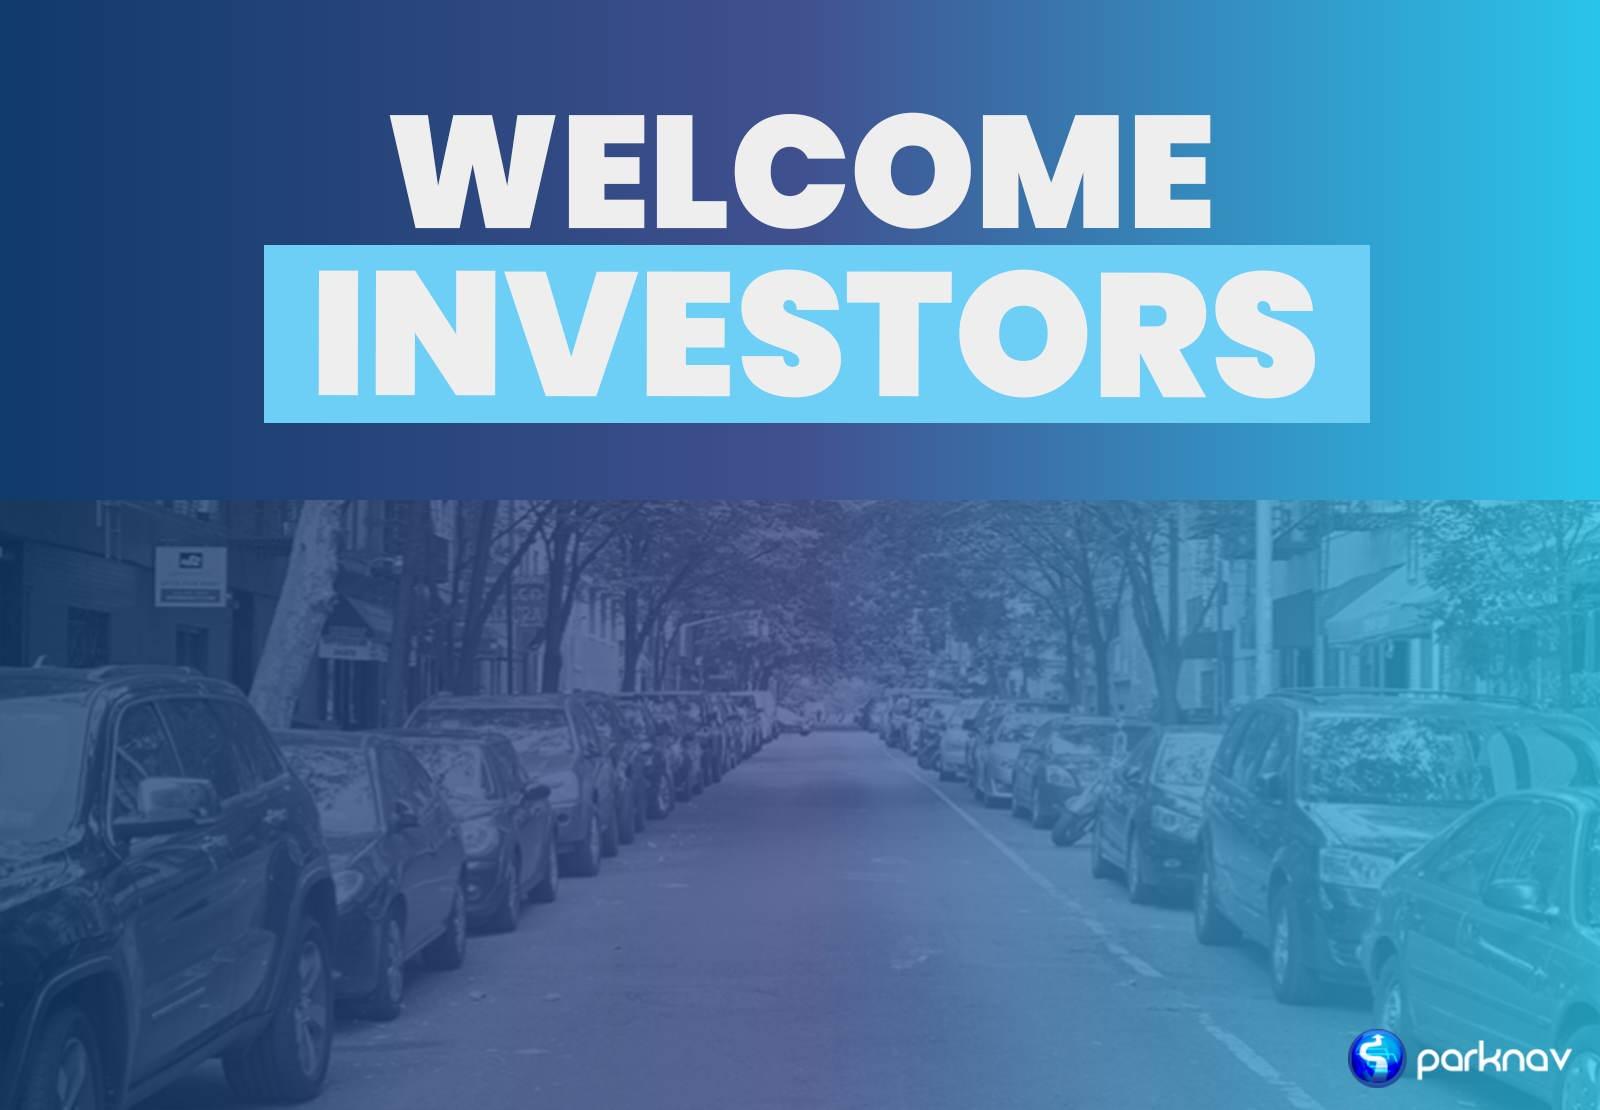 Welcome Investors